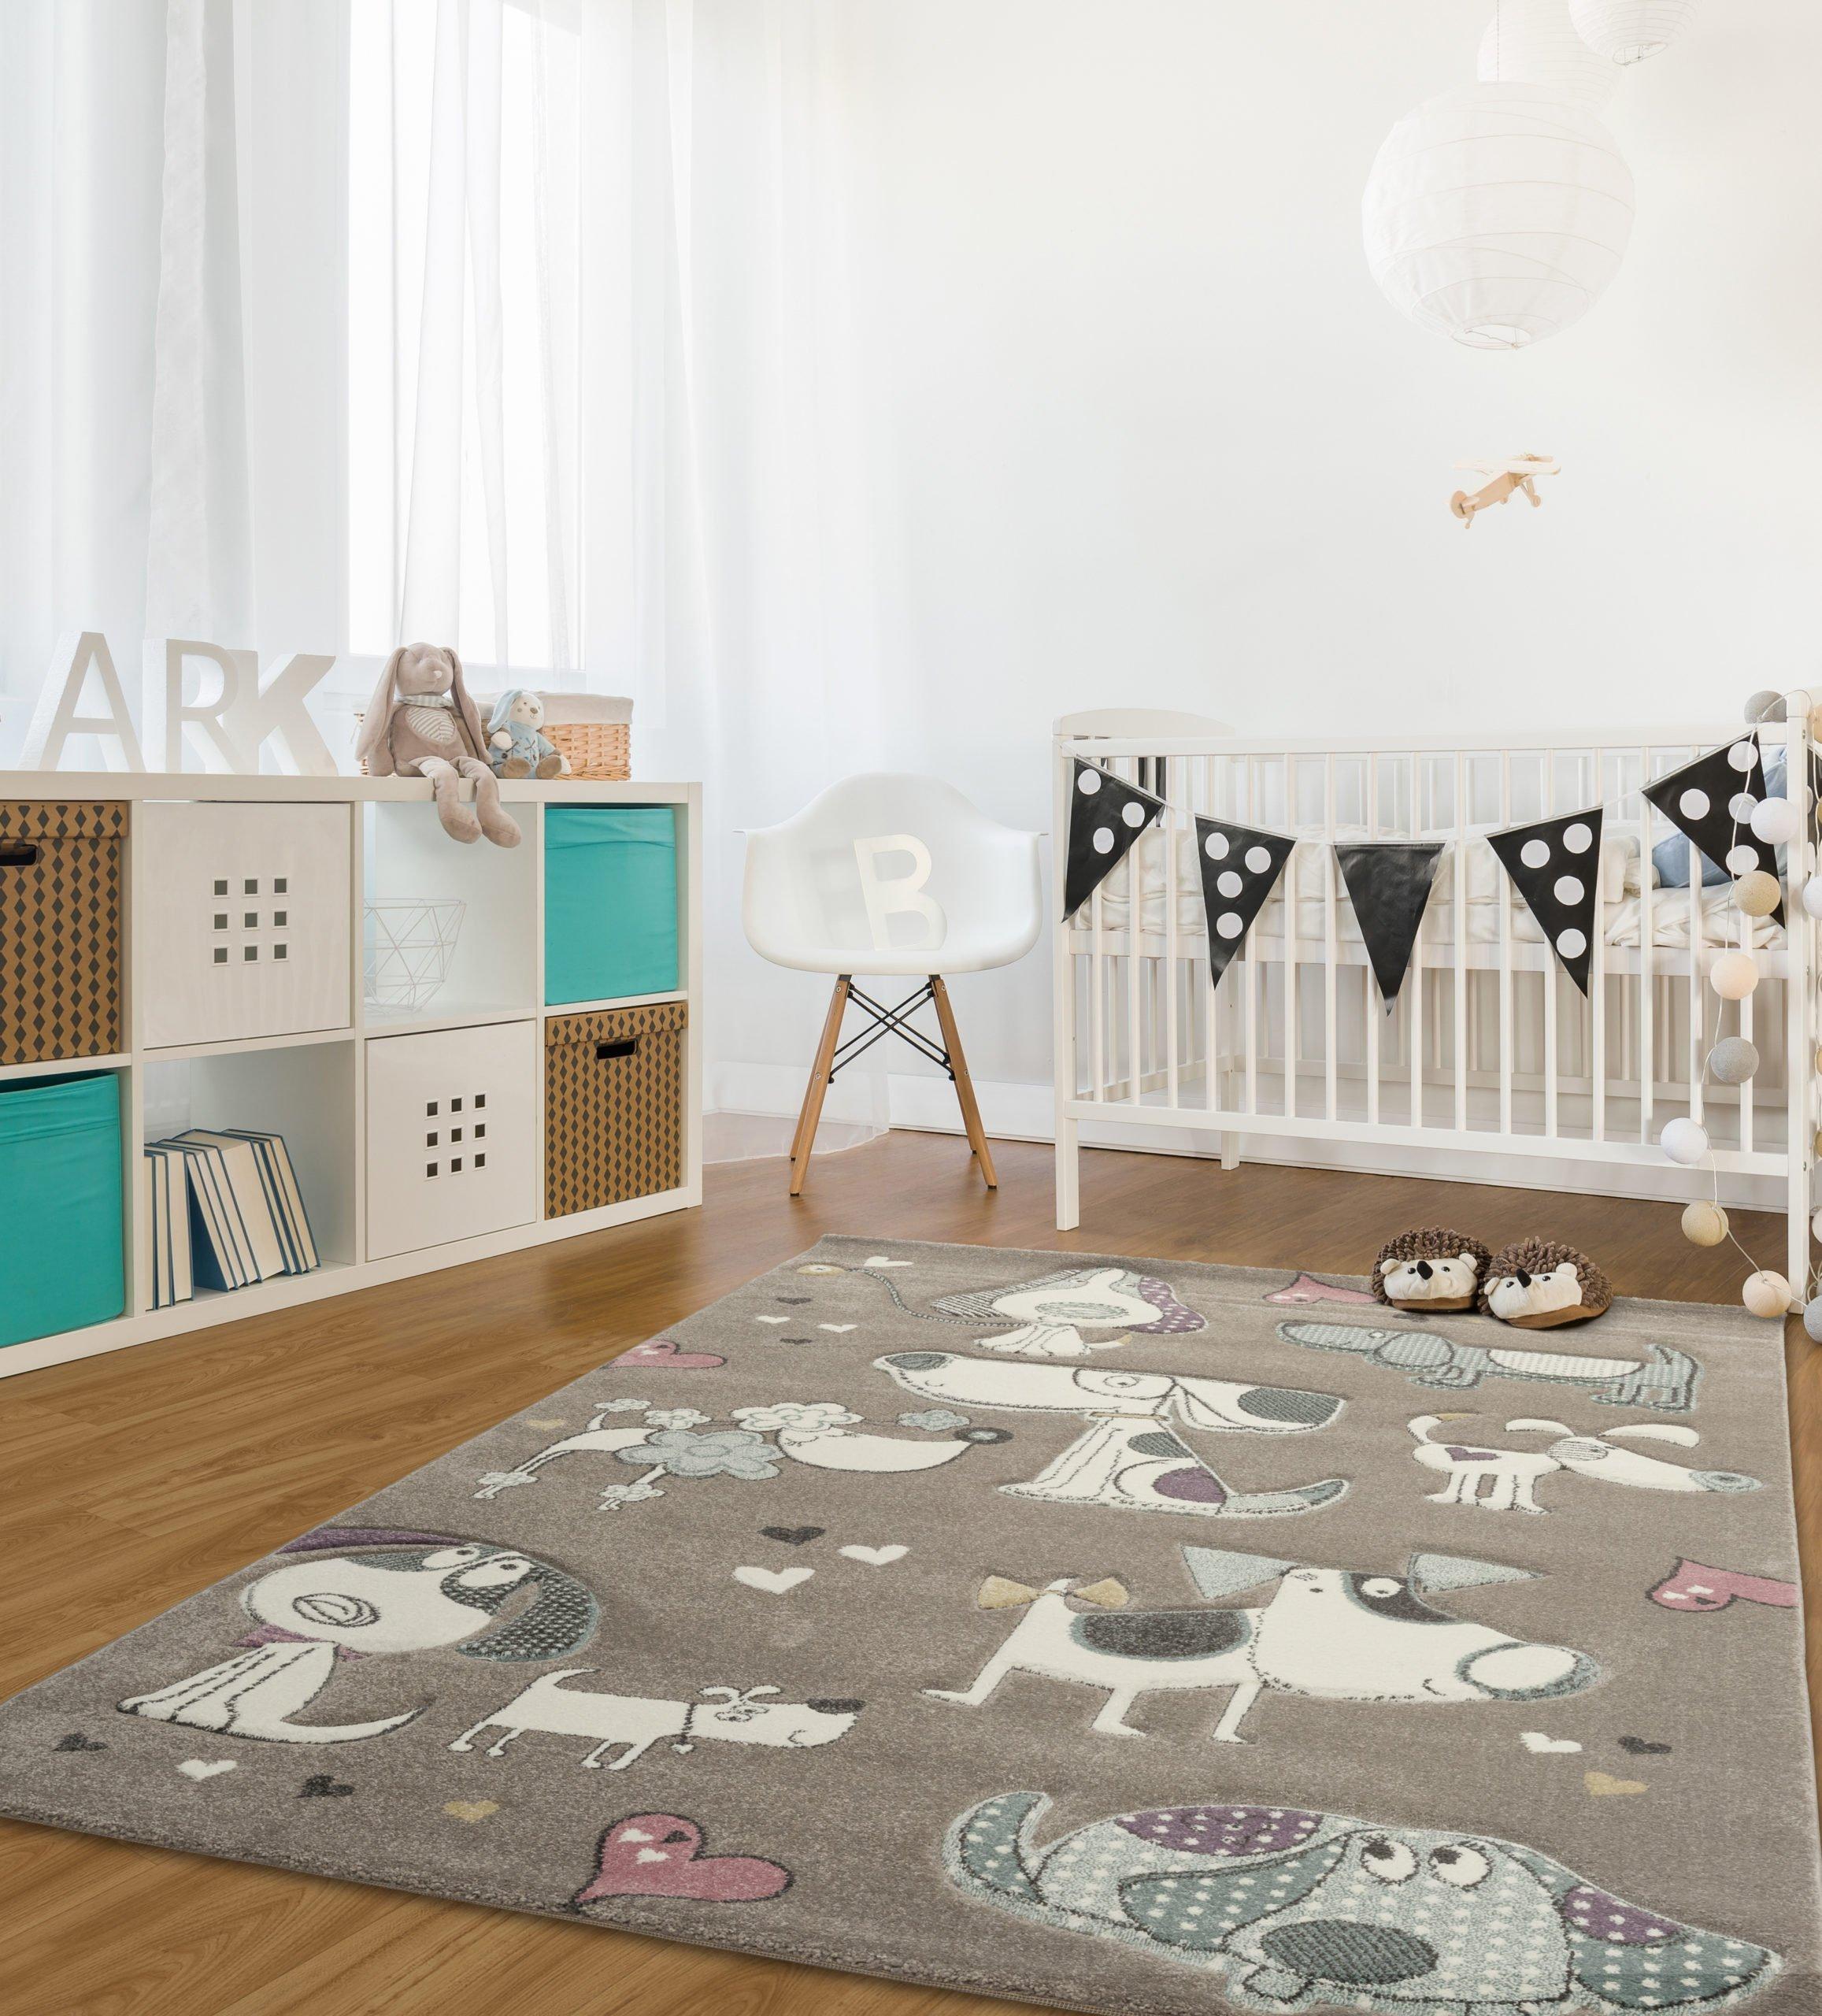 Jaki dywan wybrać do dziecięcego pokoju?